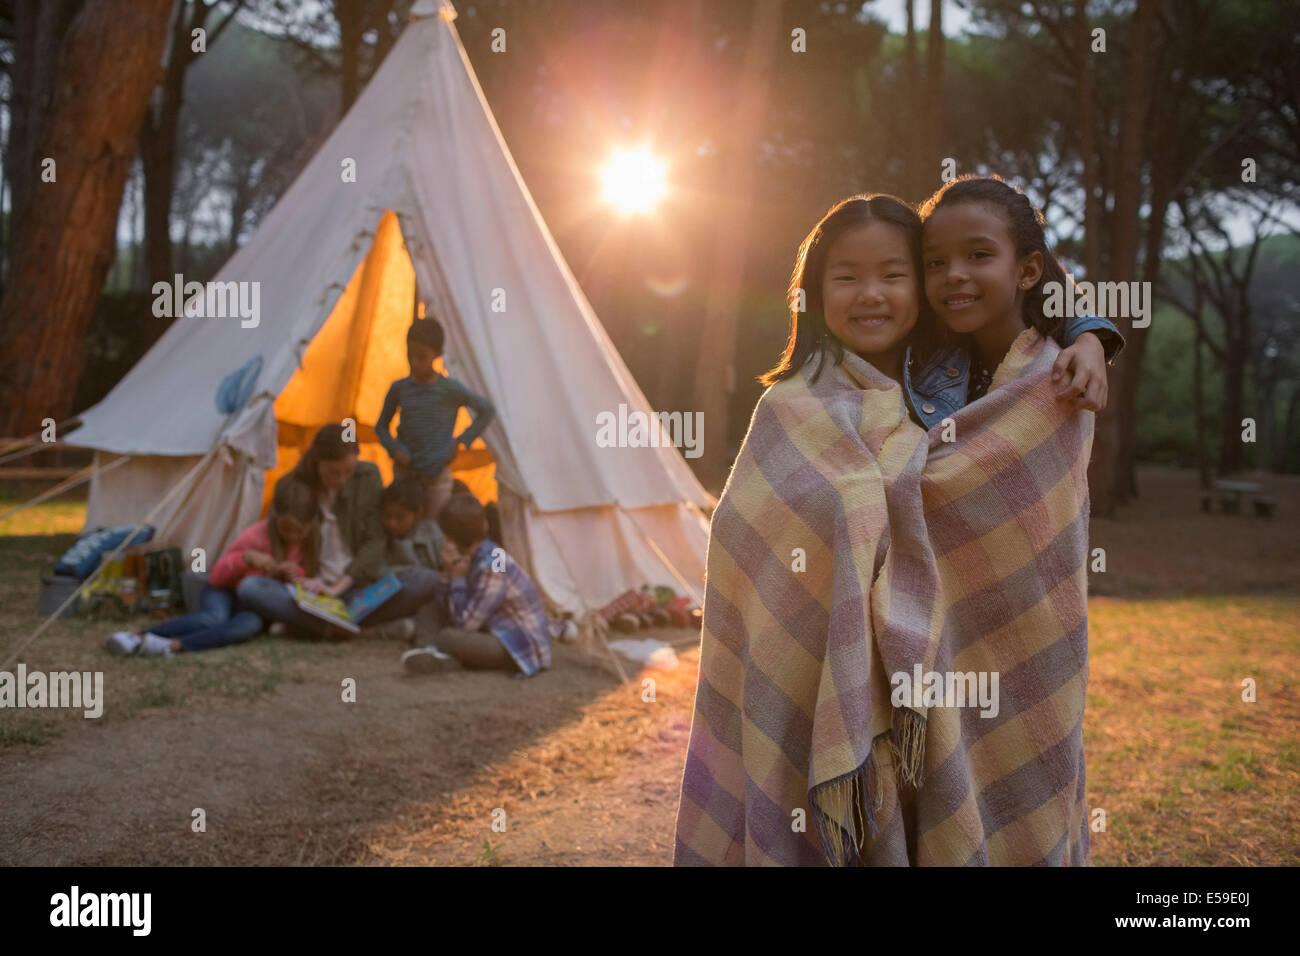 Las niñas envueltas en Manta en camping Imagen De Stock